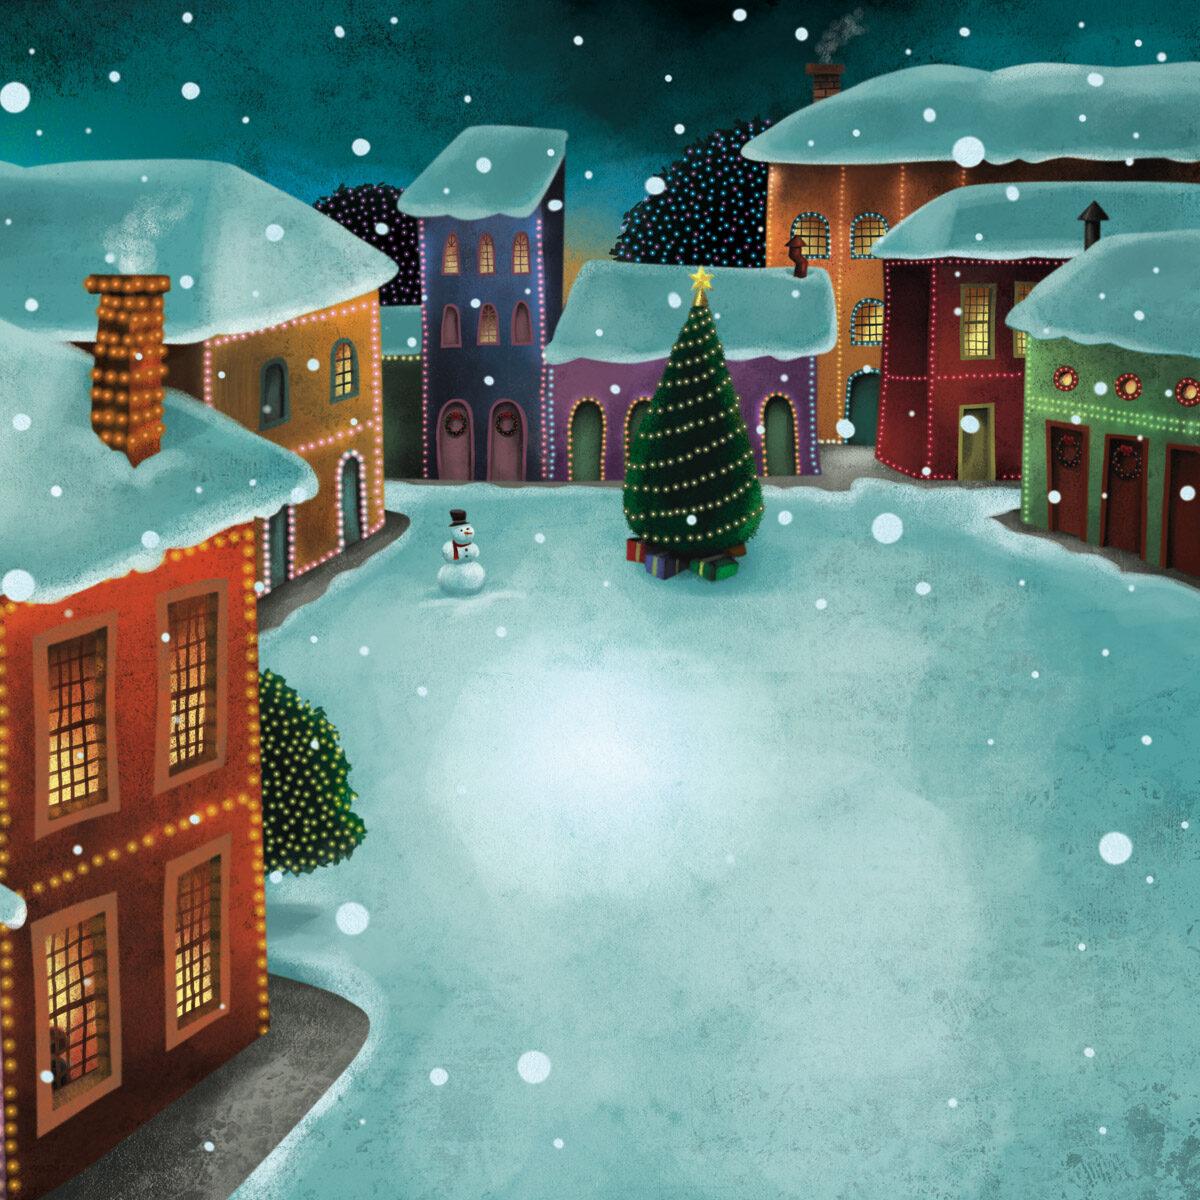 Ilustração para o livro Véspera de Natal, de Tatiana Belinky. Editora Saraiva